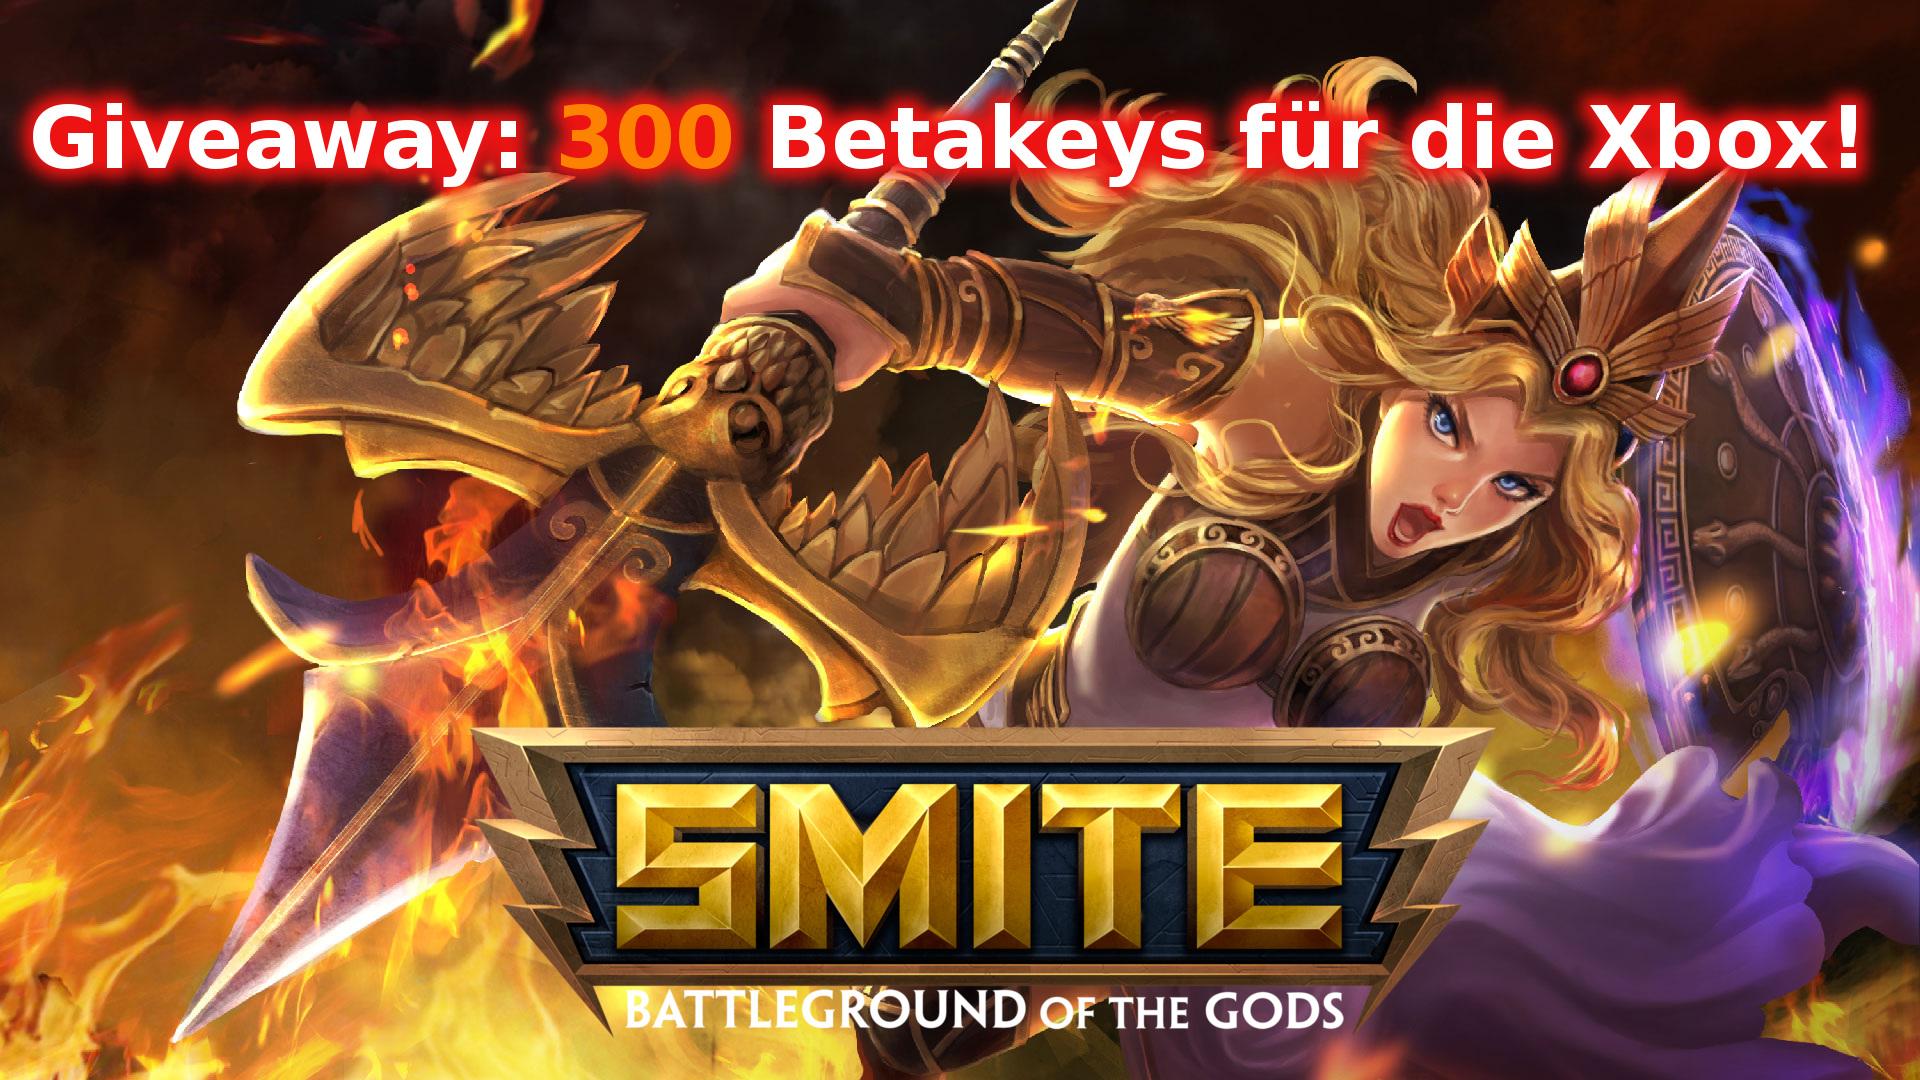 Giveaway: 300 Smite Betakeys für die Xbox One!